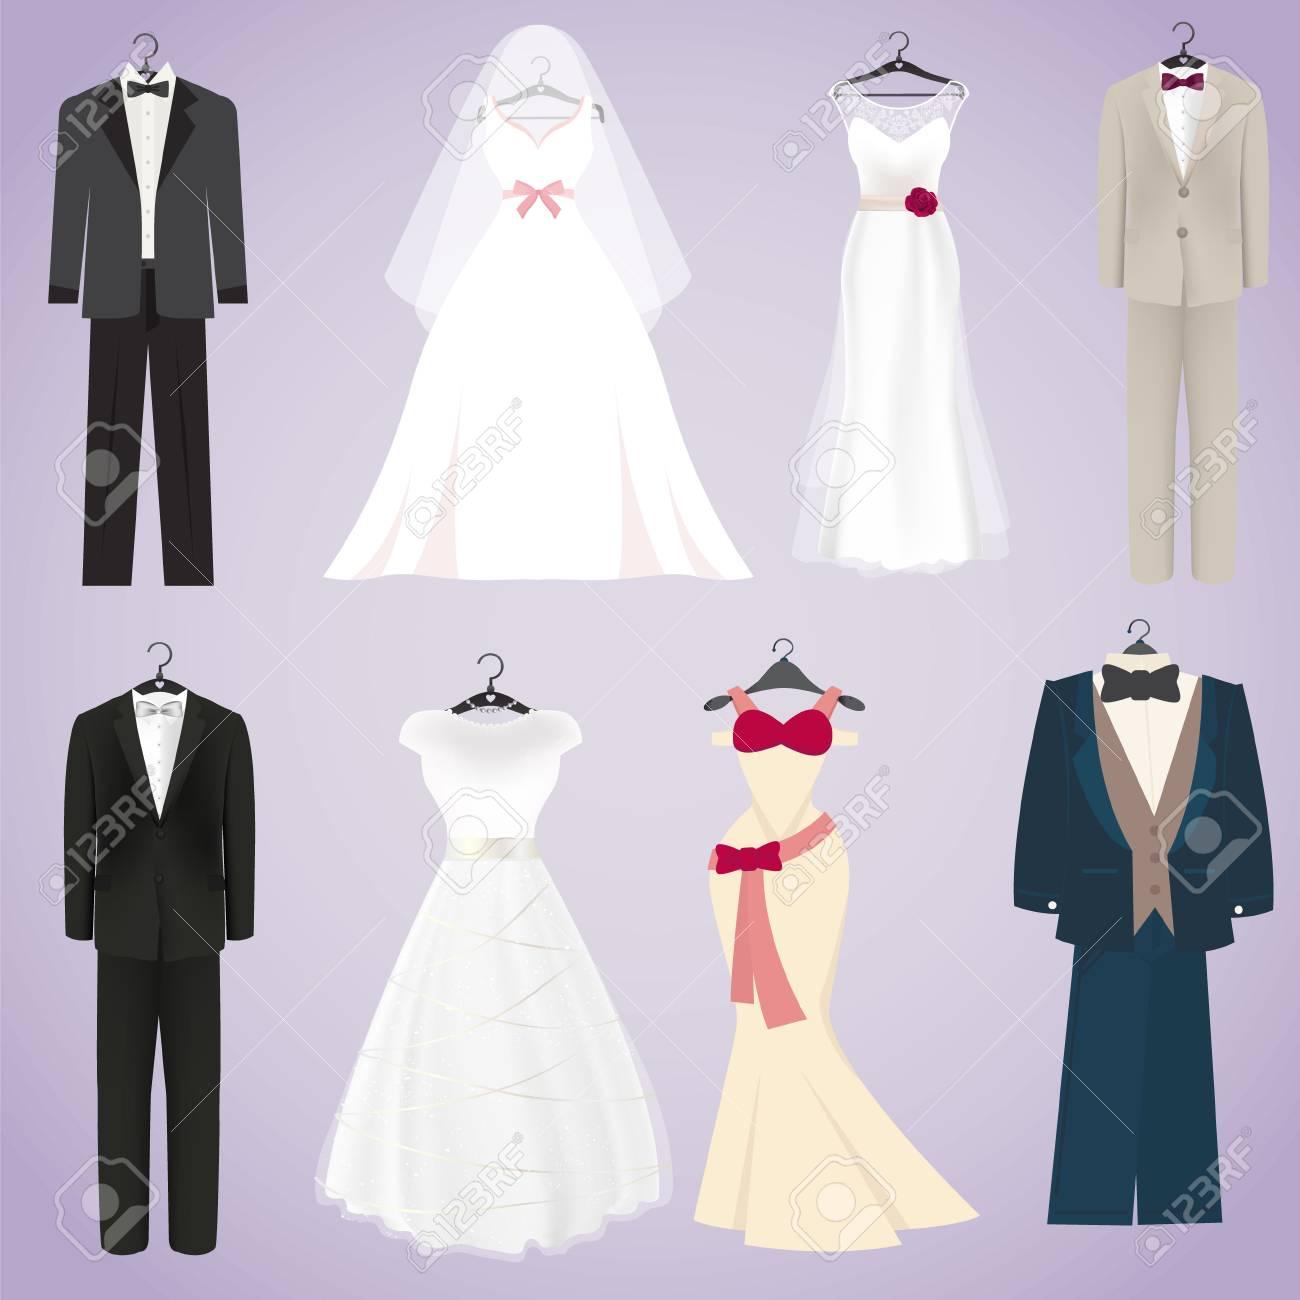 Isolierte Brautkleider Und Kostüme In Niedlichen Stil Lizenzfrei ...